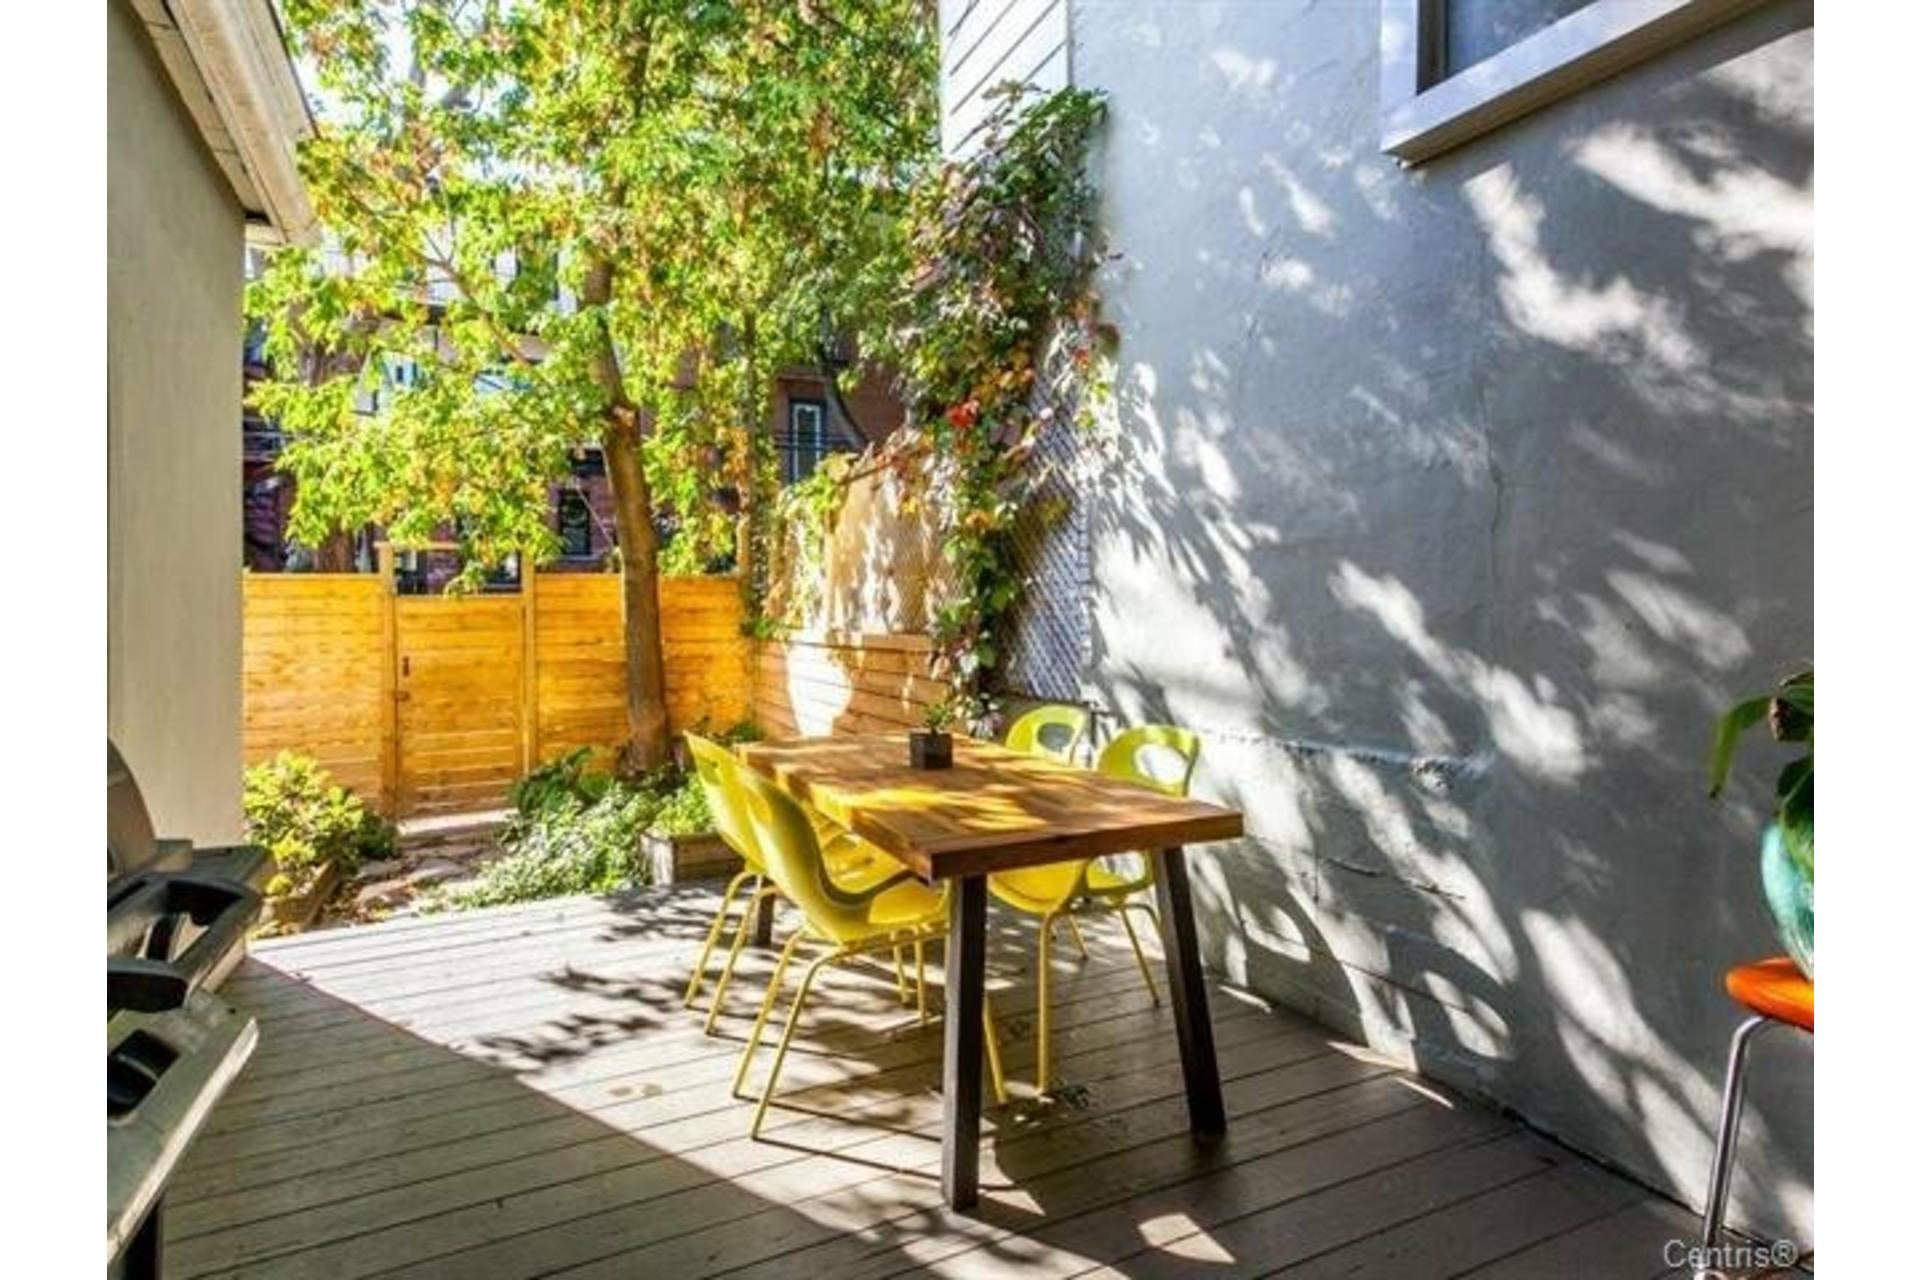 image 32 - Maison À vendre Le Plateau-Mont-Royal Montréal  - 6 pièces